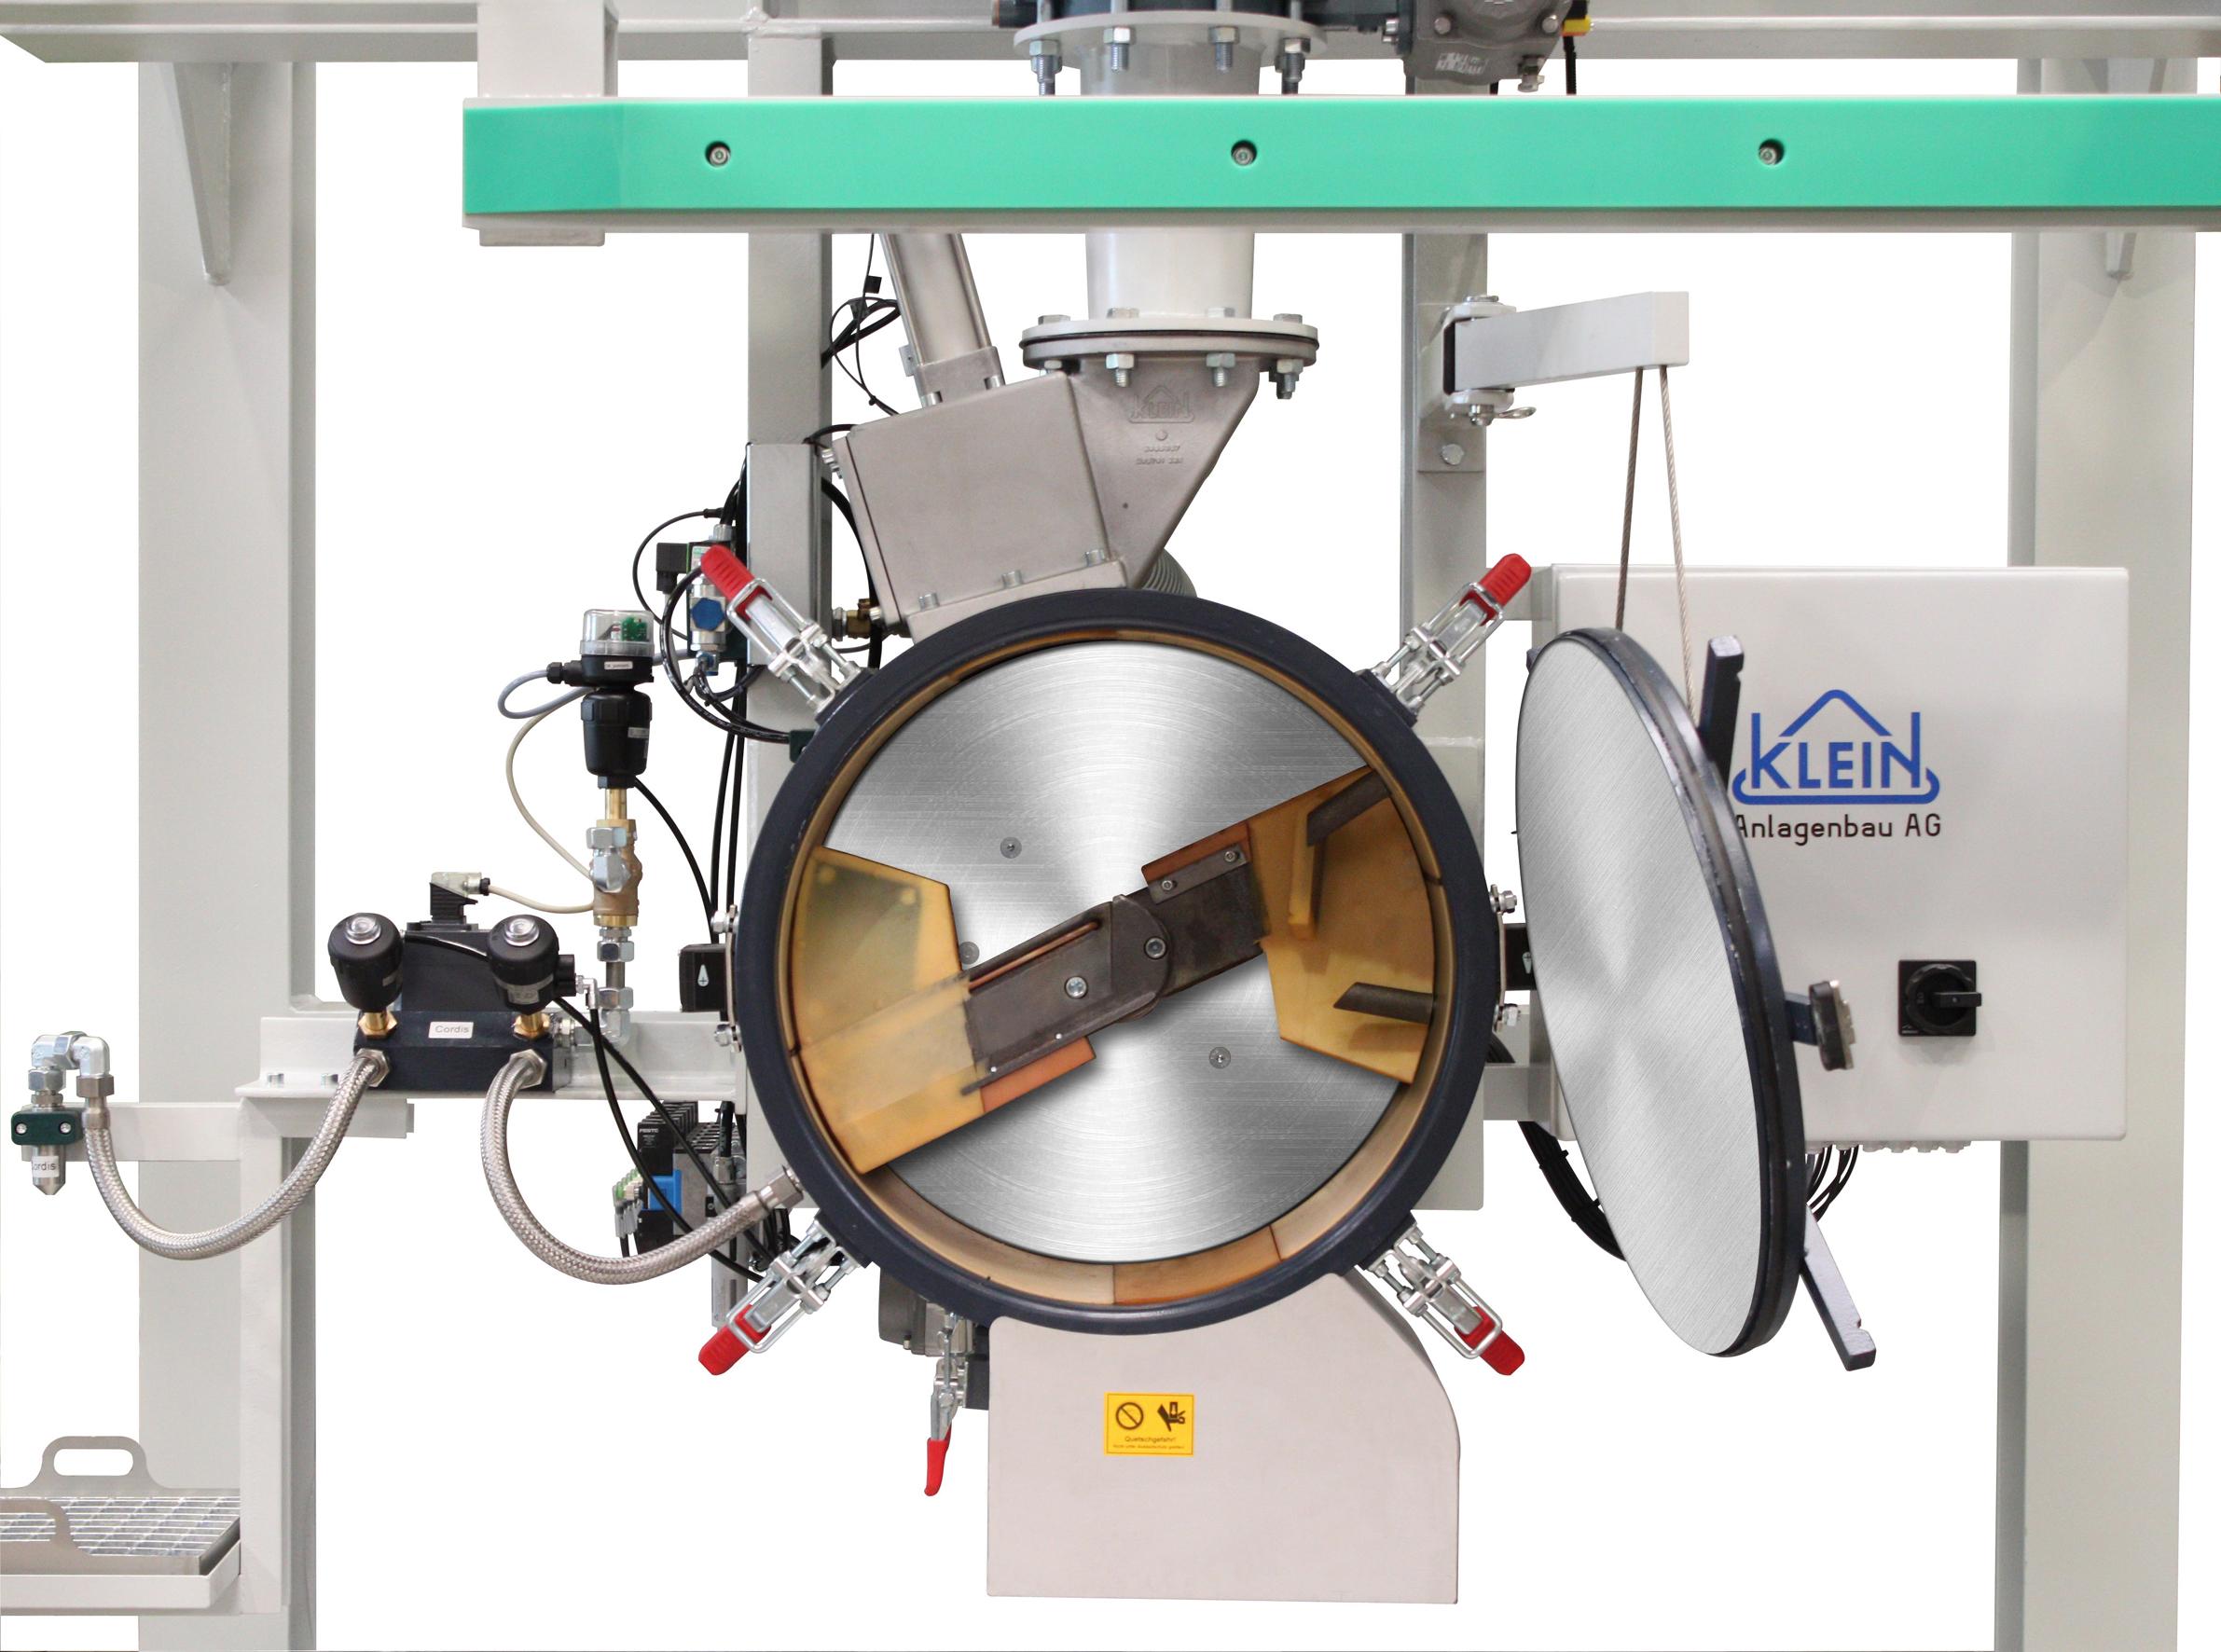 Bild 1: Kernsandmischer (KLEIN Anlagenbau AG)